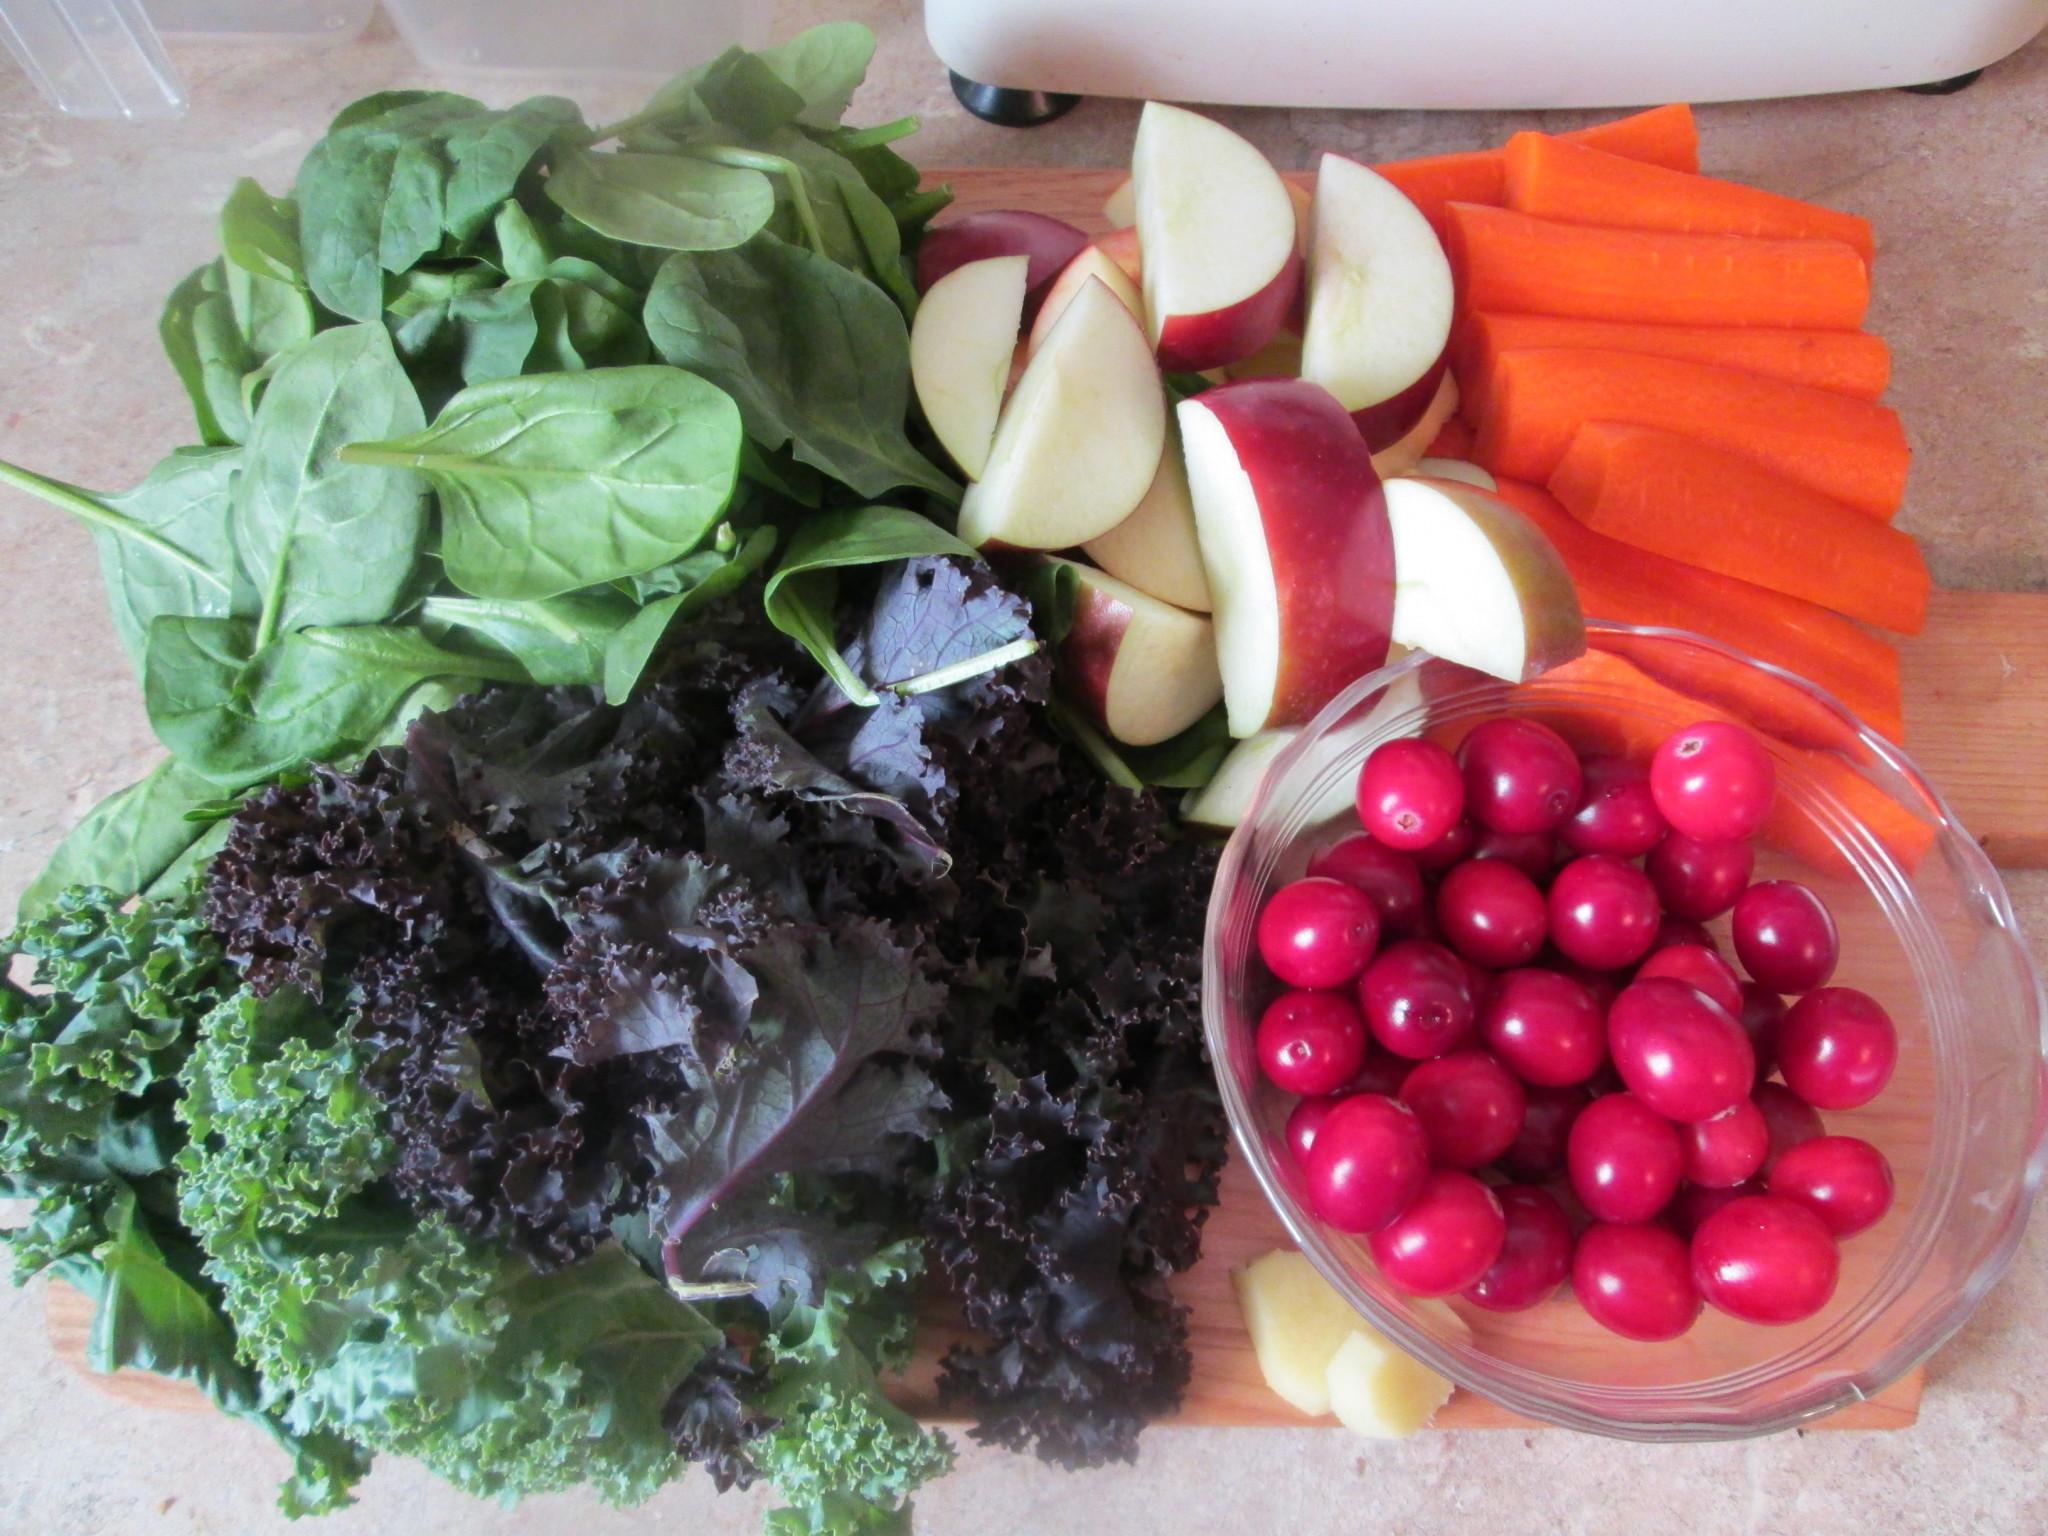 Morning Buzz Green Juice Recipe - ingredients